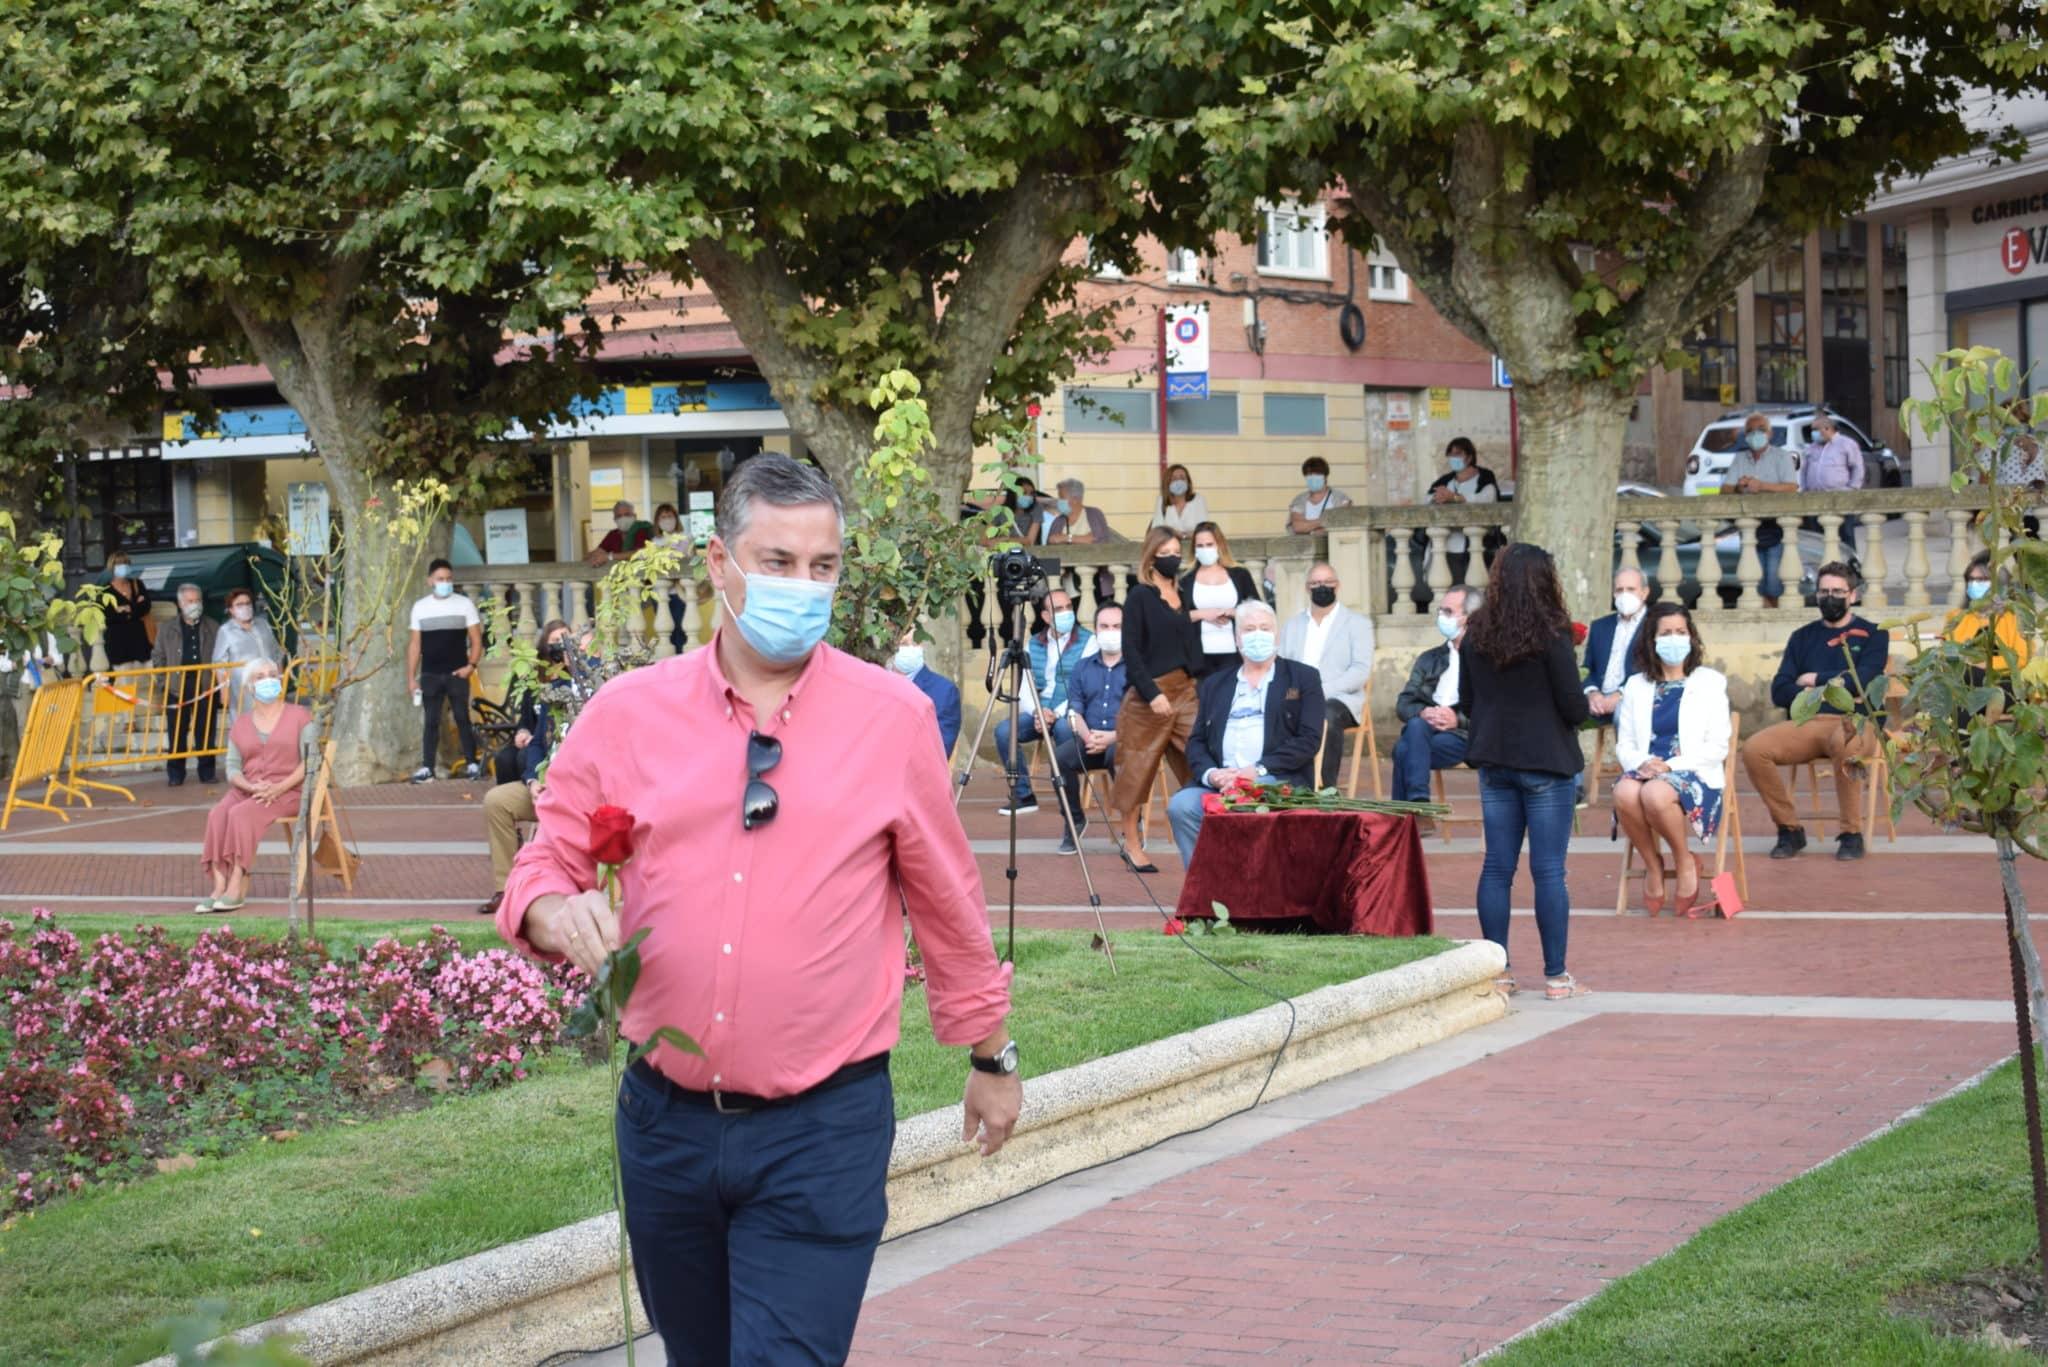 FOTOS: Haro homenajea a las víctimas de la pandemia 25